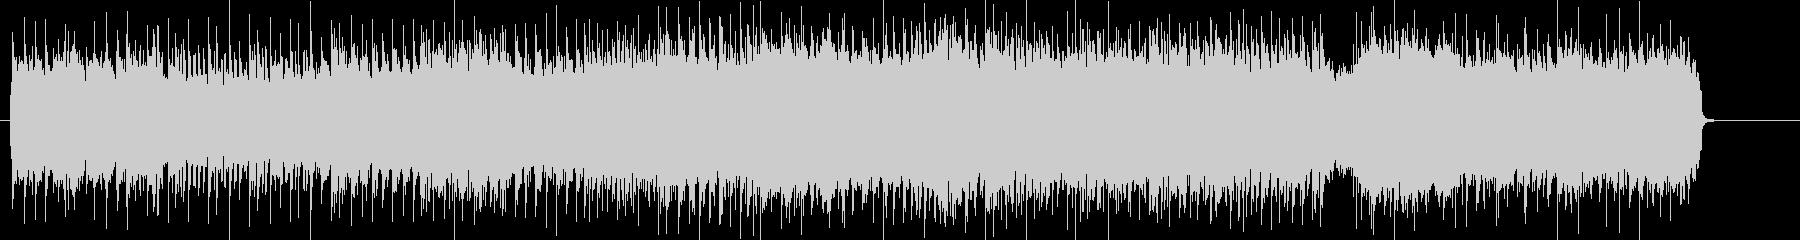 ポジティブなハード&ヘヴィー・サウンドの未再生の波形